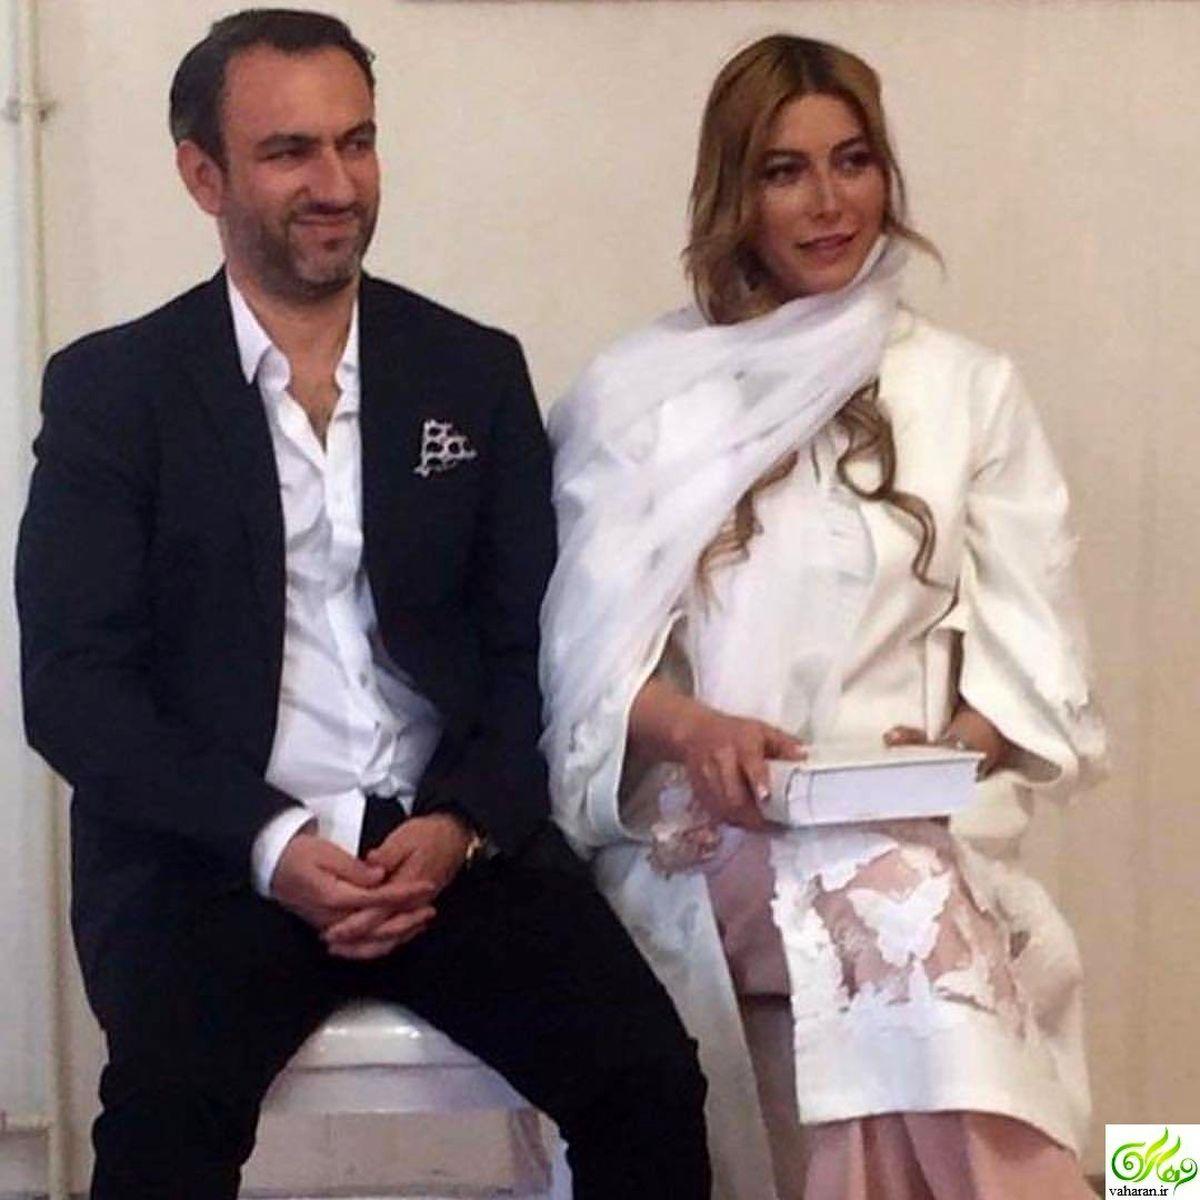 عاشقانه های بی حجاب فریبا نادری و همسرش در تخت خواب جنجالی شد + عکس